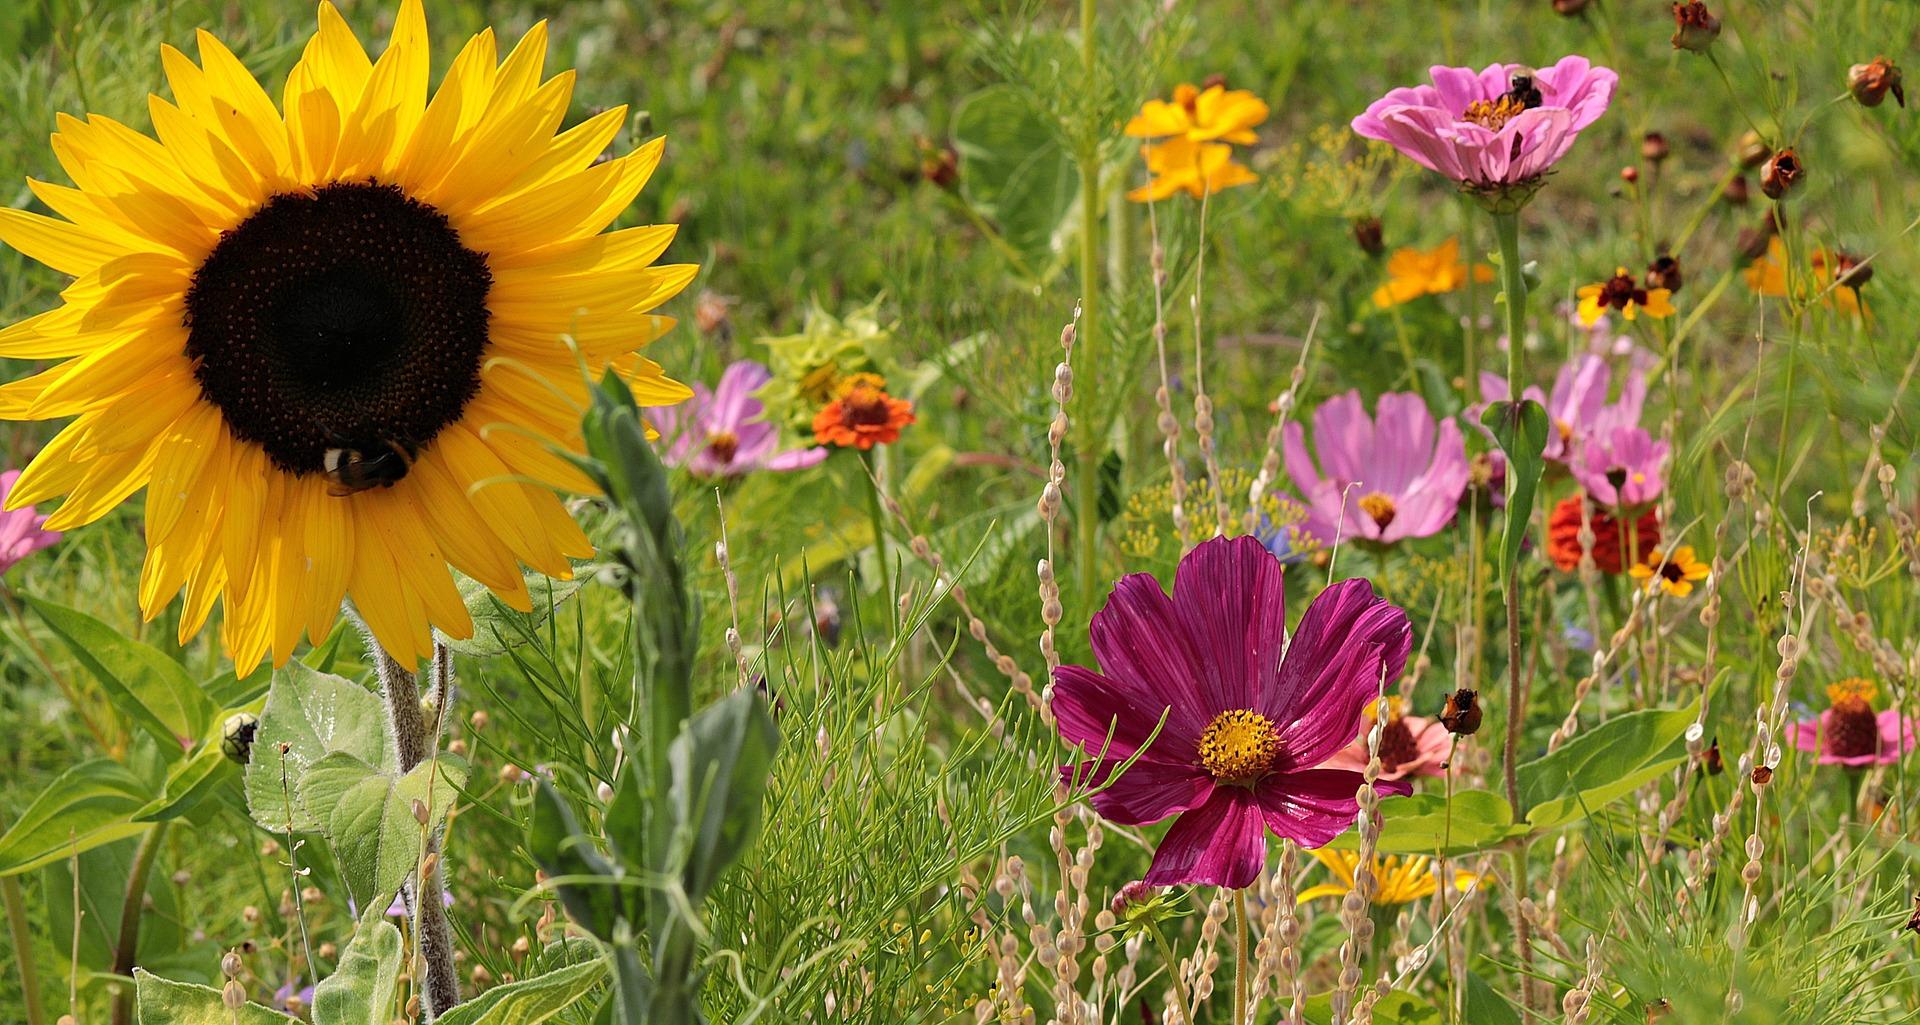 verschiedene wilde Blumen auf einer Wiese, auf denen Hummeln auf der Suche nach Futter sind.